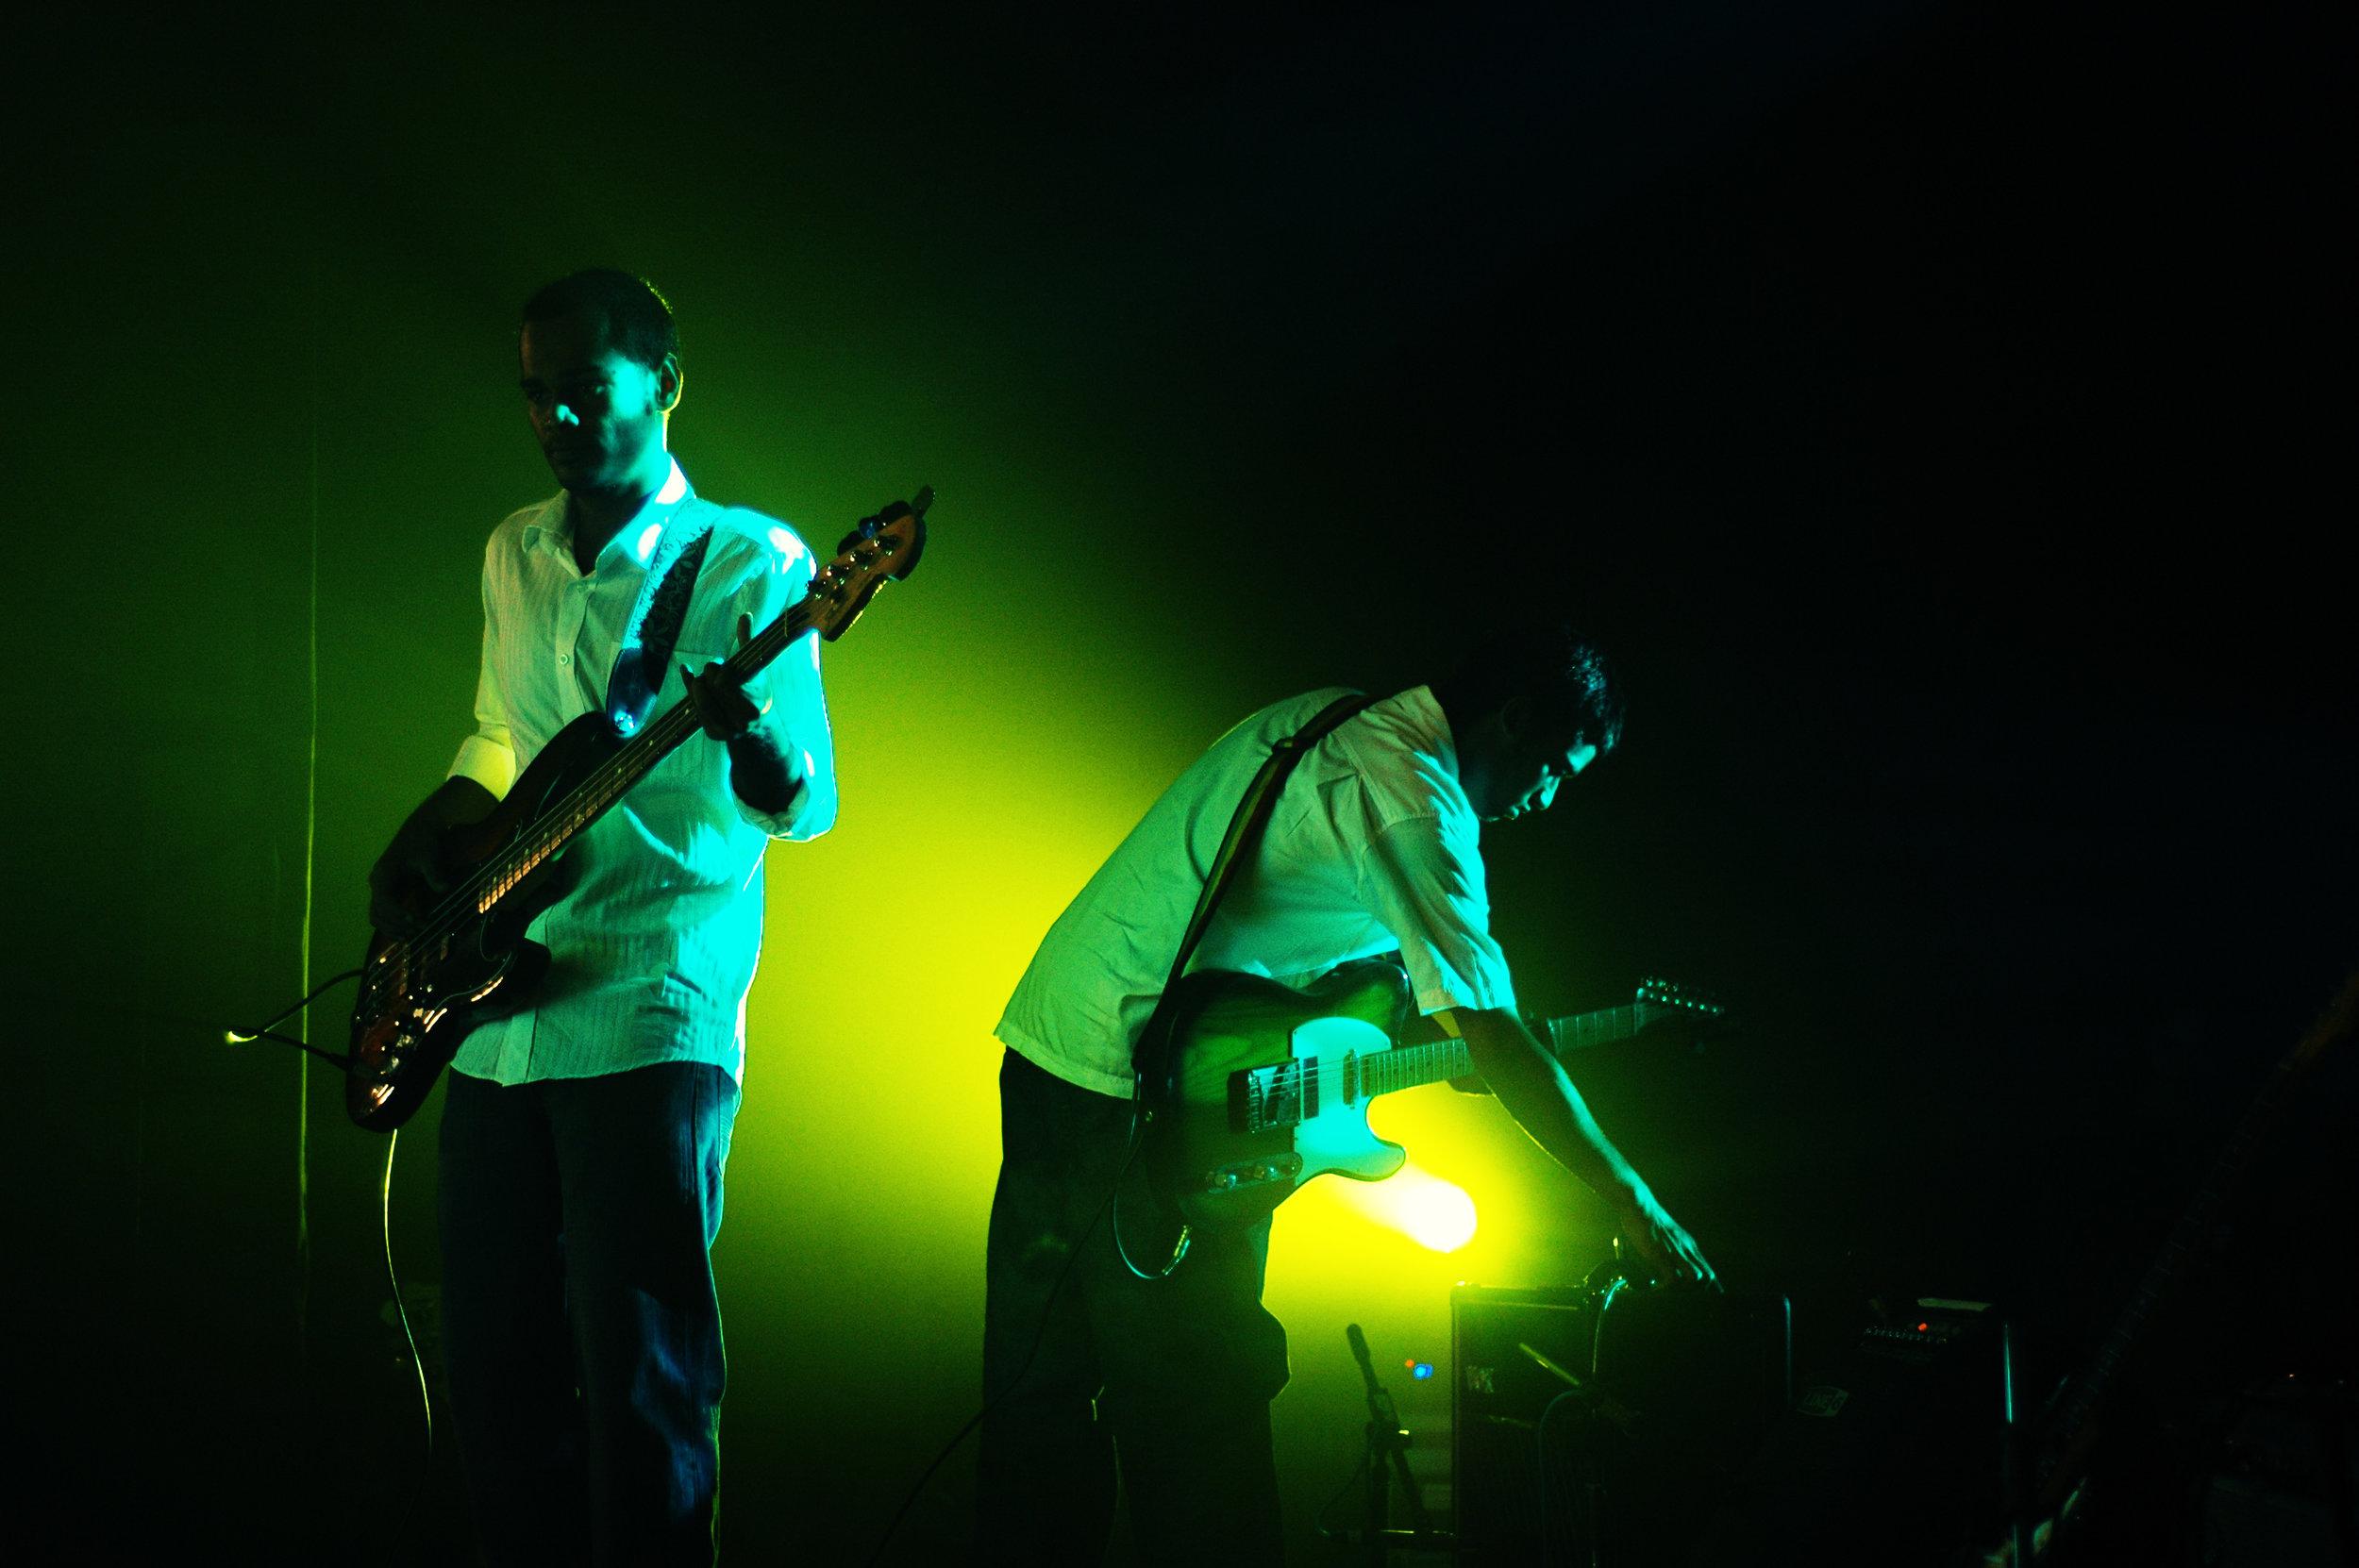 2009-08-19 - Male' City - Dharubaaruge' - Eku Ekee Album Launch - D70s-7964.jpg